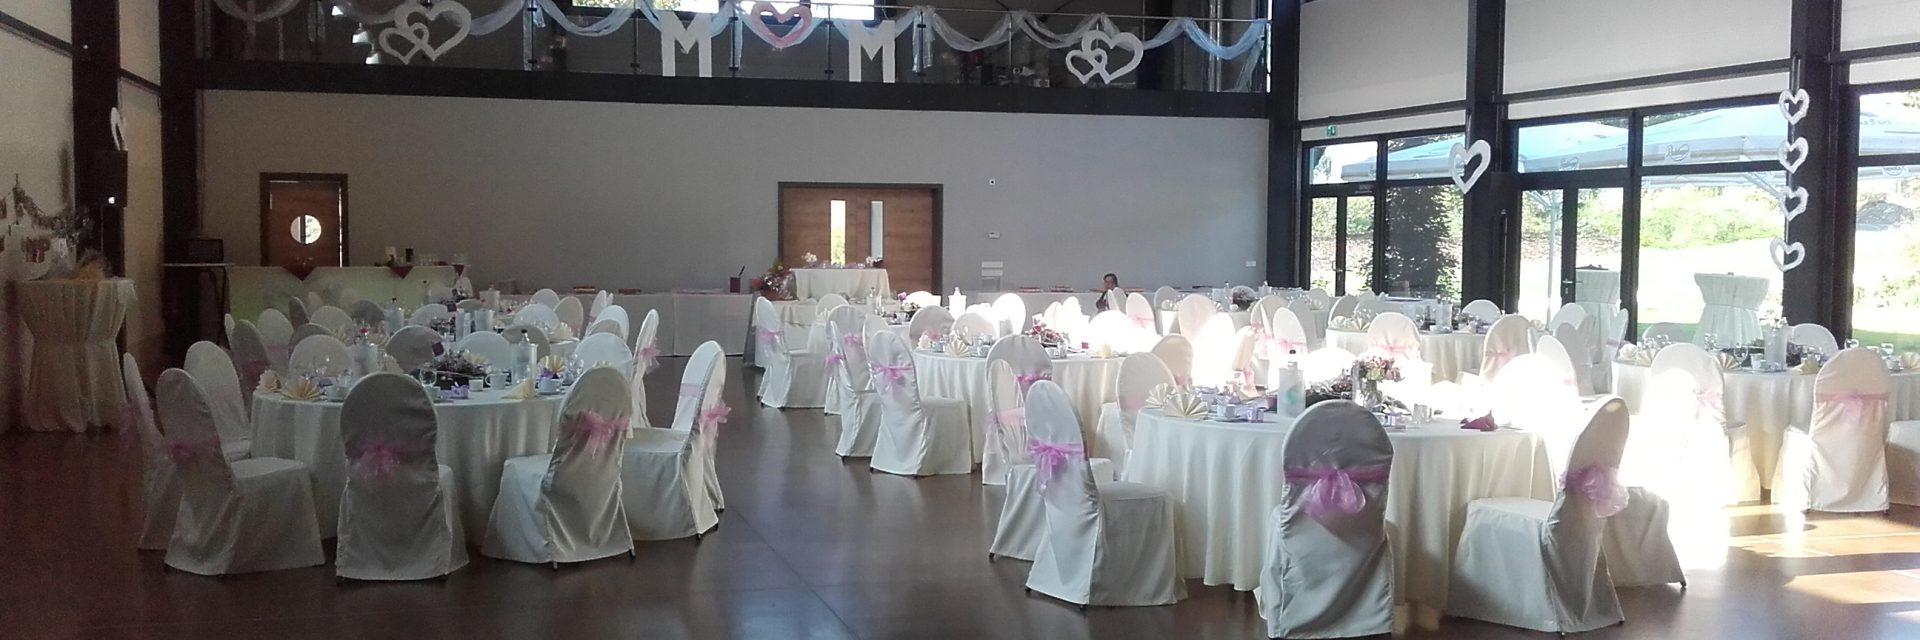 Bogen-Event-Halle als individuelle Hochzeitslocation